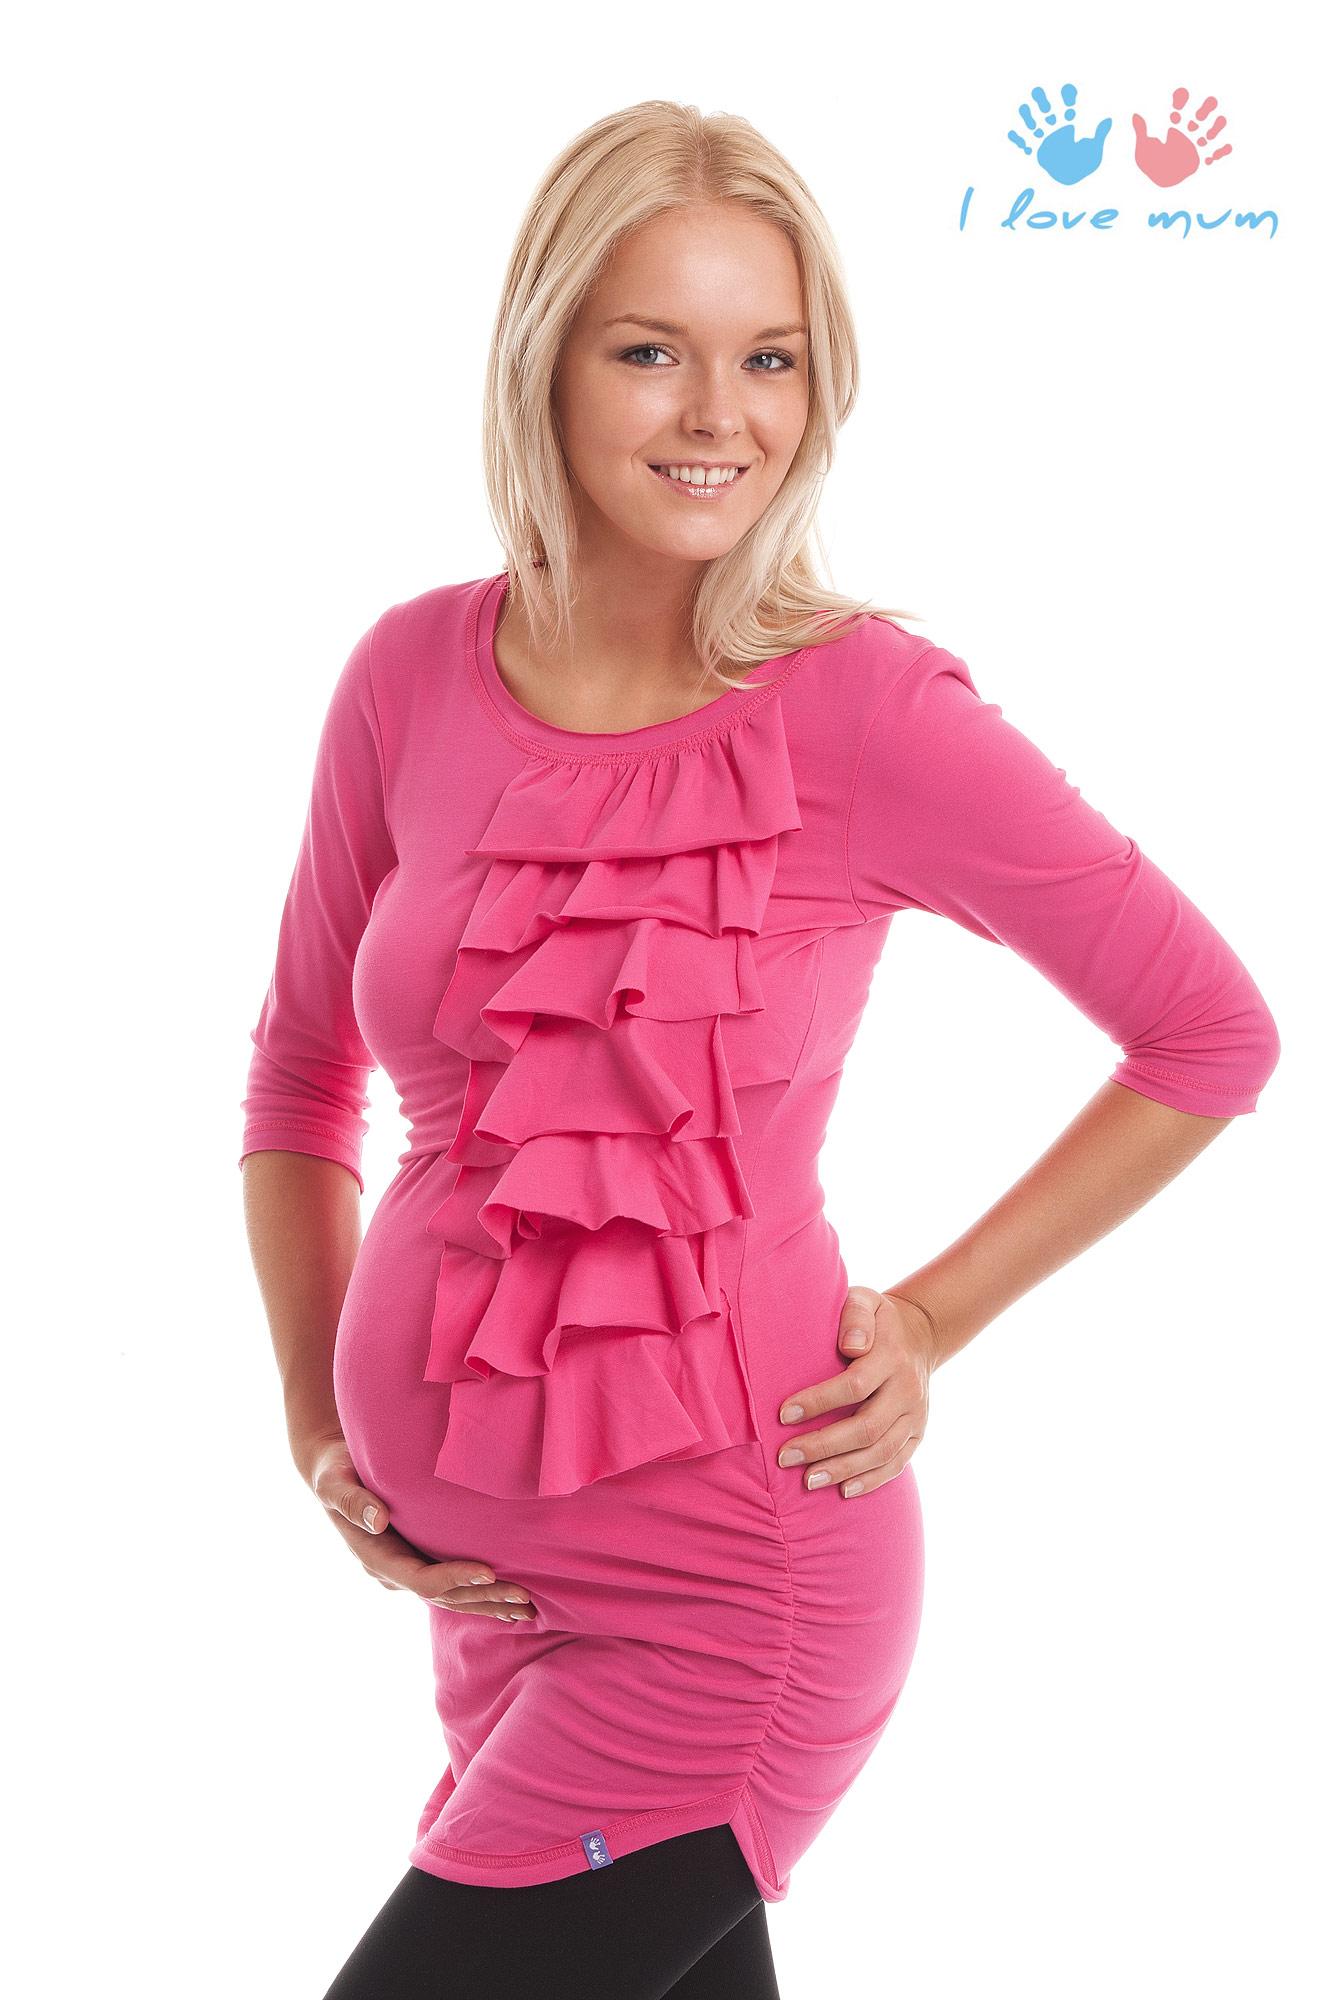 Купить Блузку Для Женщины